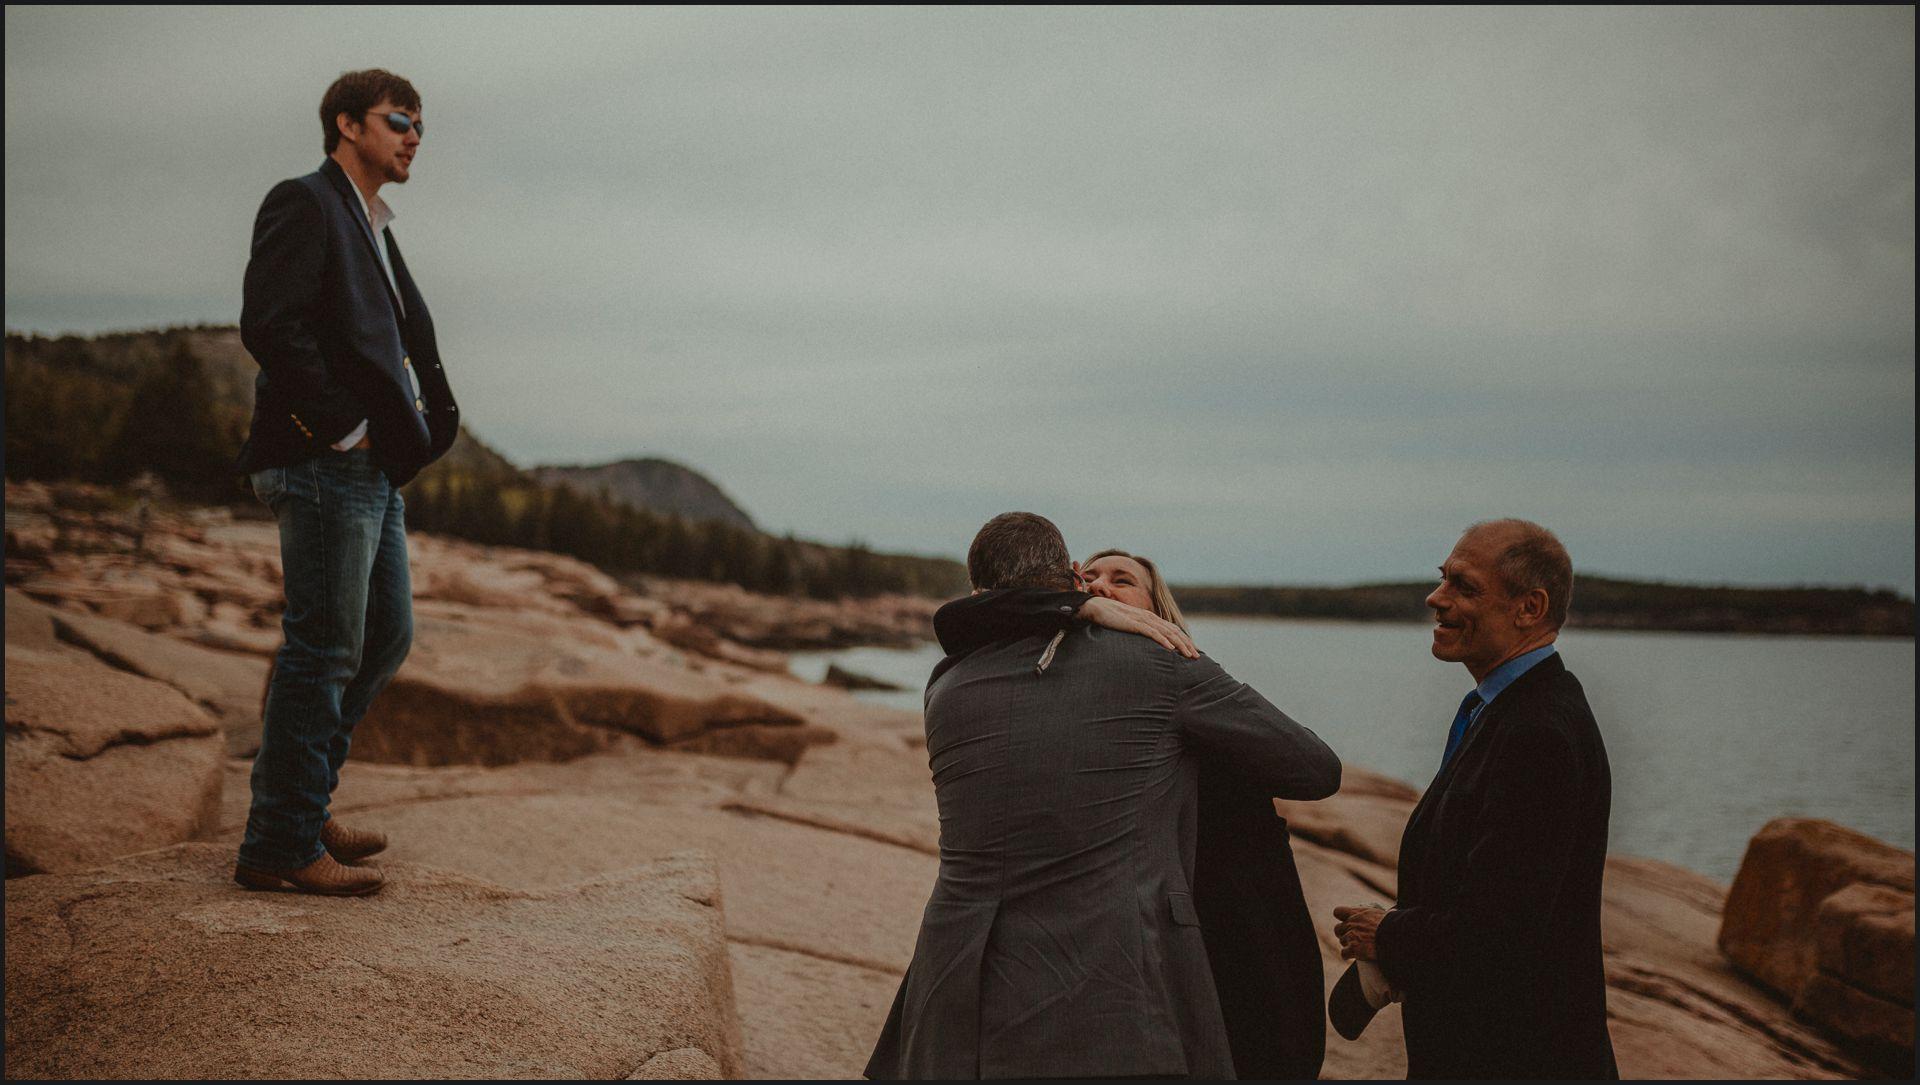 maine wedding, hugs, groom, acadia national park, ocean, bar harbor, maine